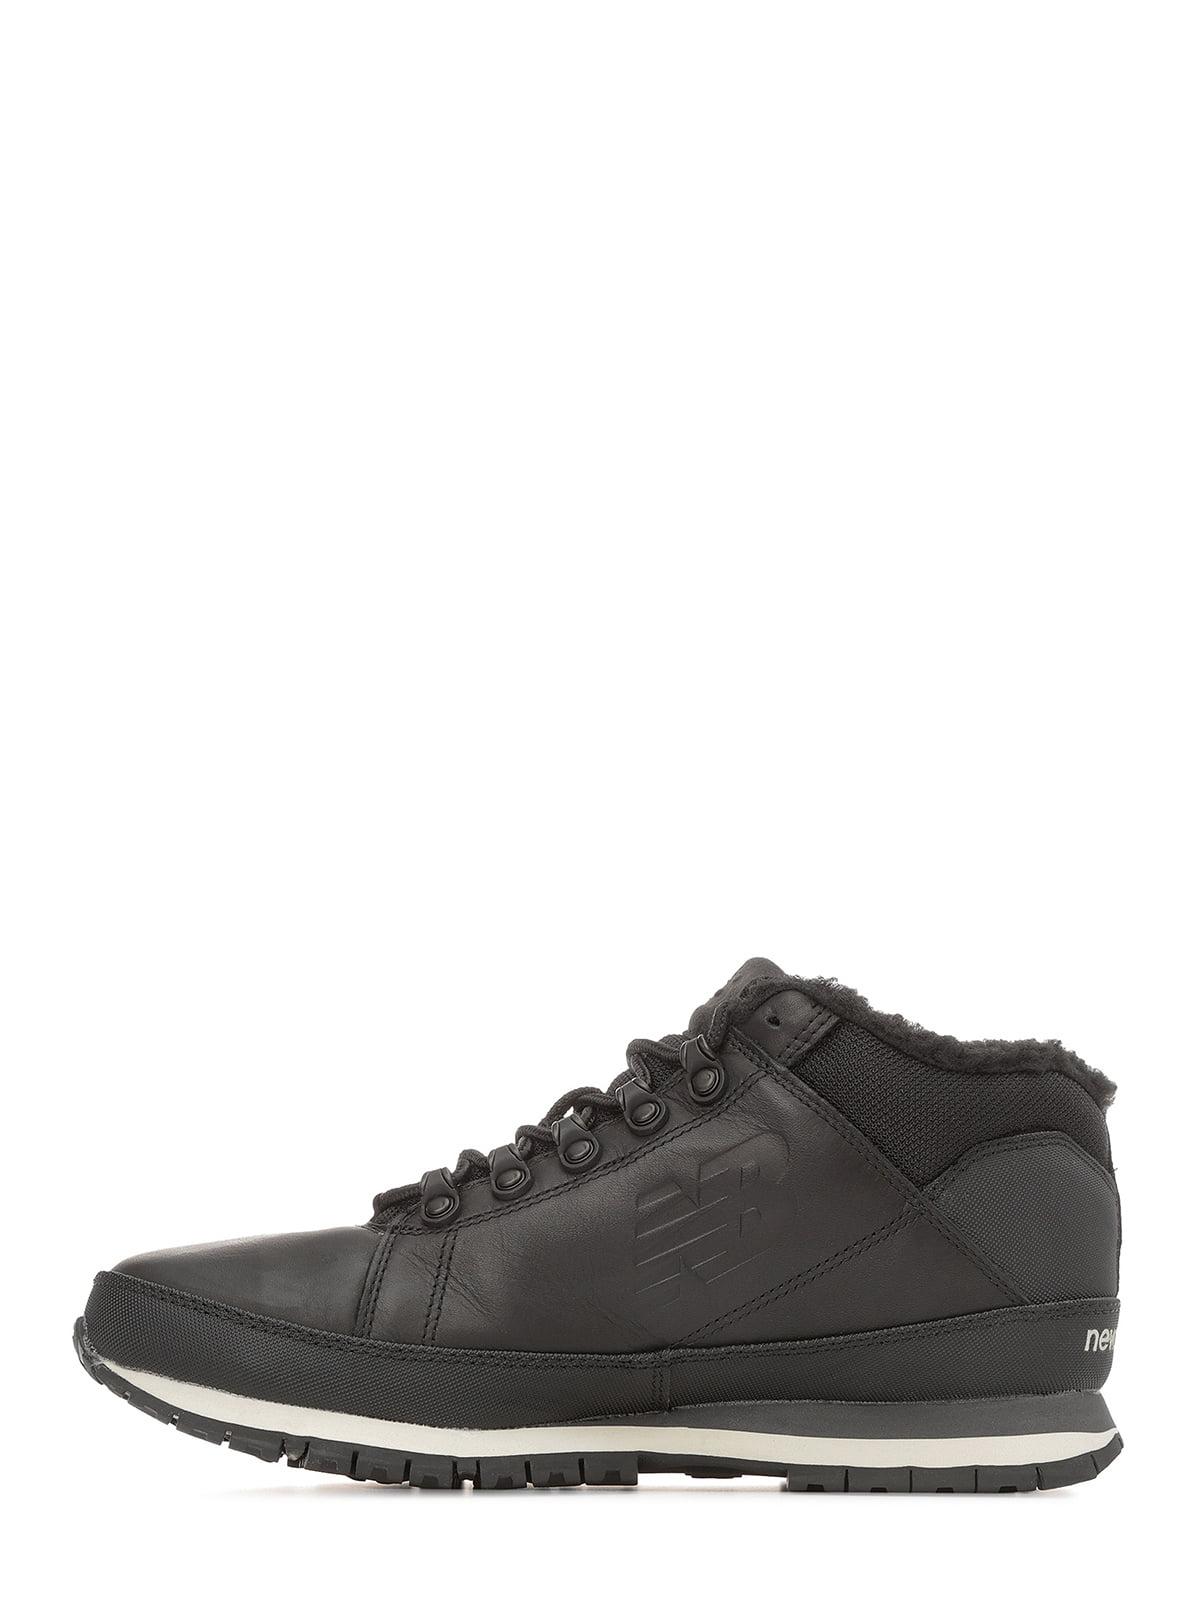 Кросівки чорні New Balance 754 Fur | 4579006 | фото 2